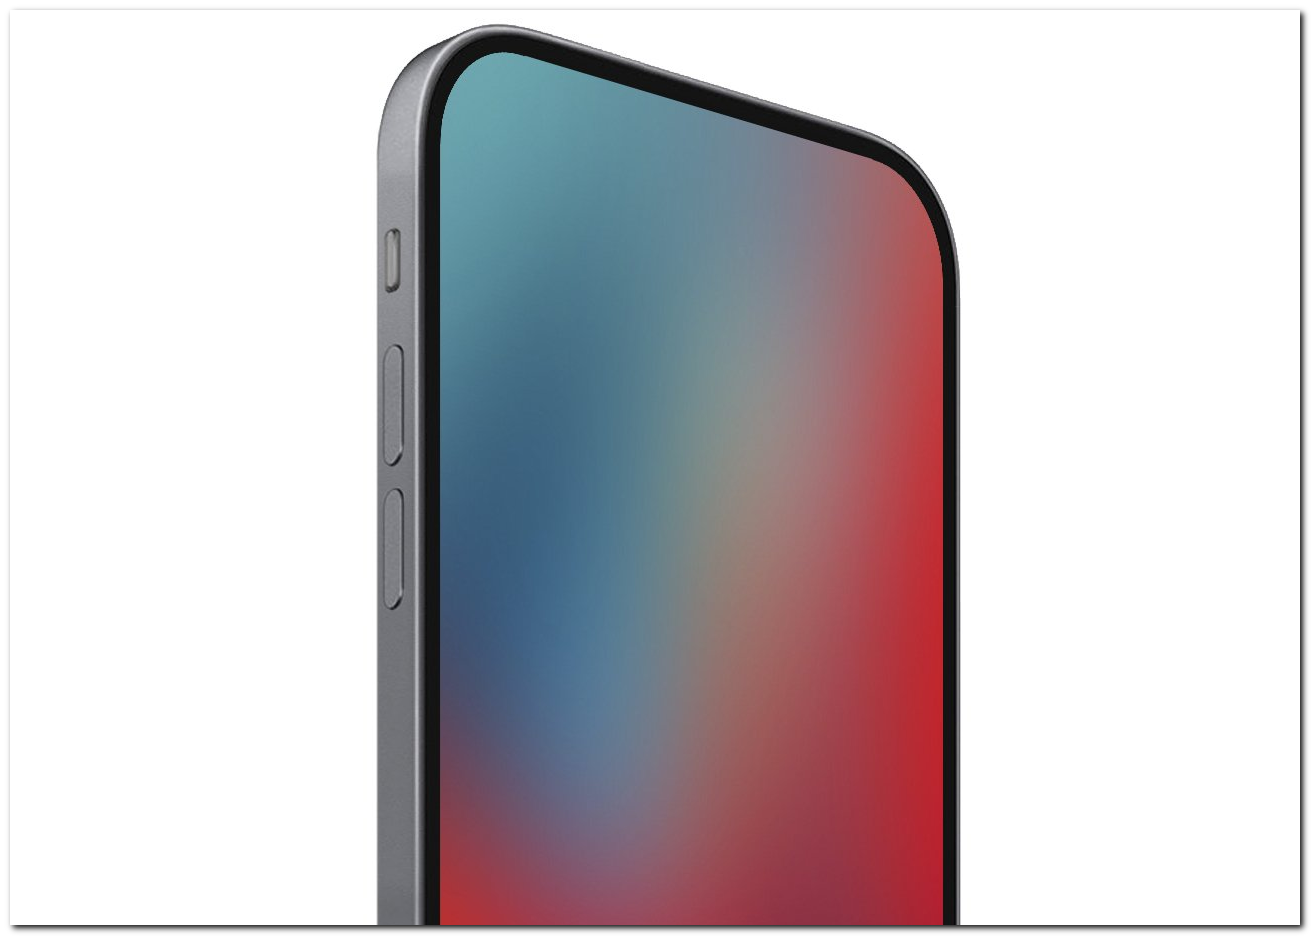 image 152 تکنولوژی جدید اپل میتواند بریدگی نمایشگر آیفون را به تاریخ بسپارد اخبار IT